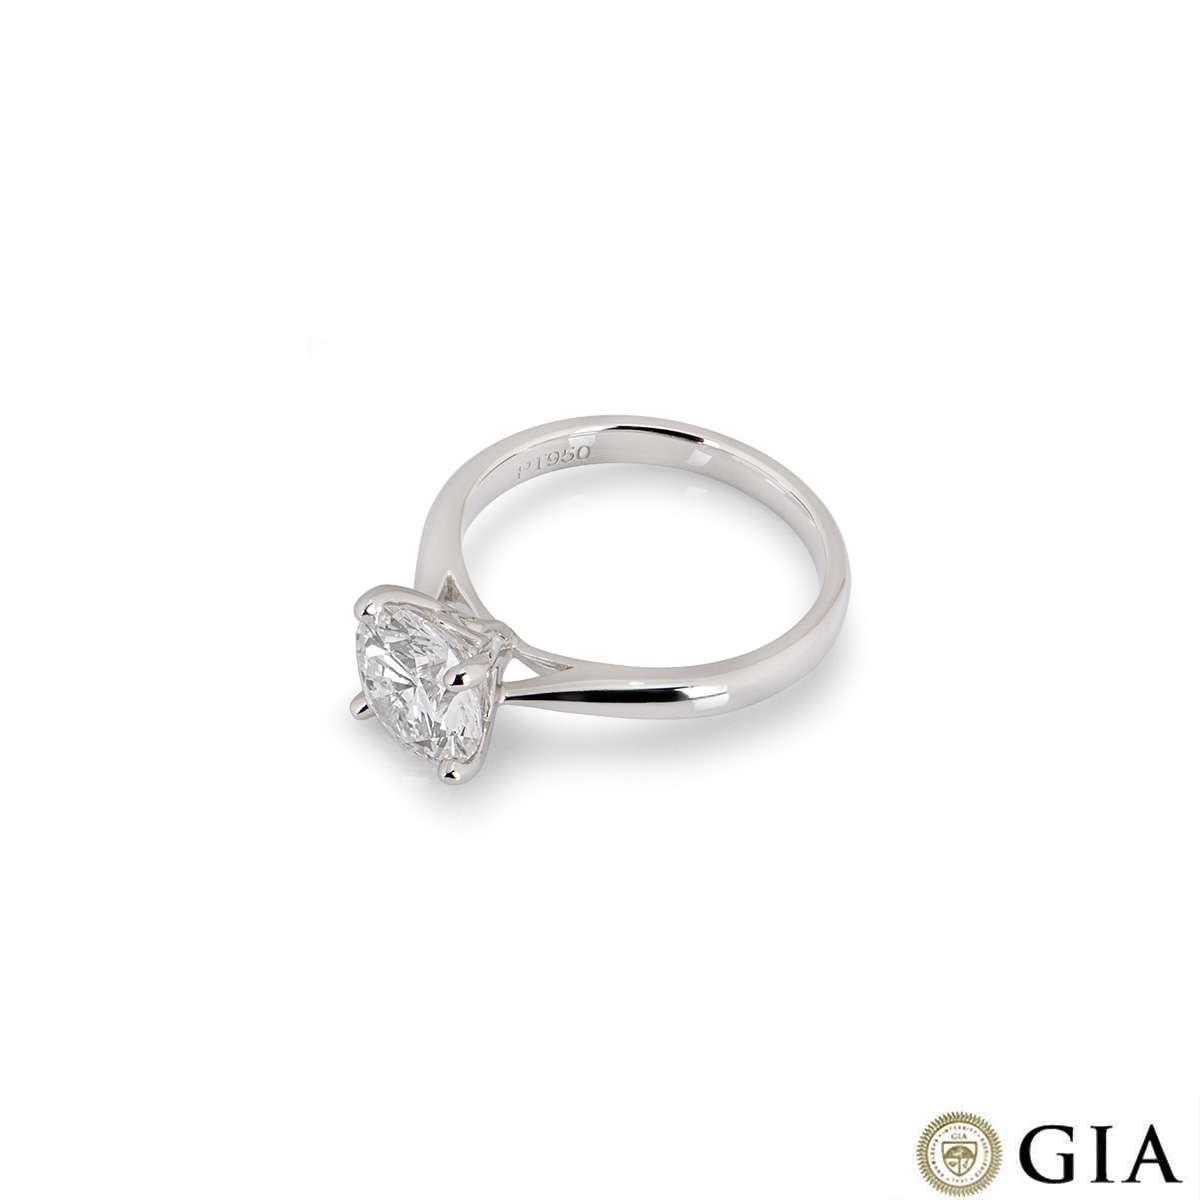 Platinum Round Brilliant Cut Diamond Ring 2.03ct E/VS2